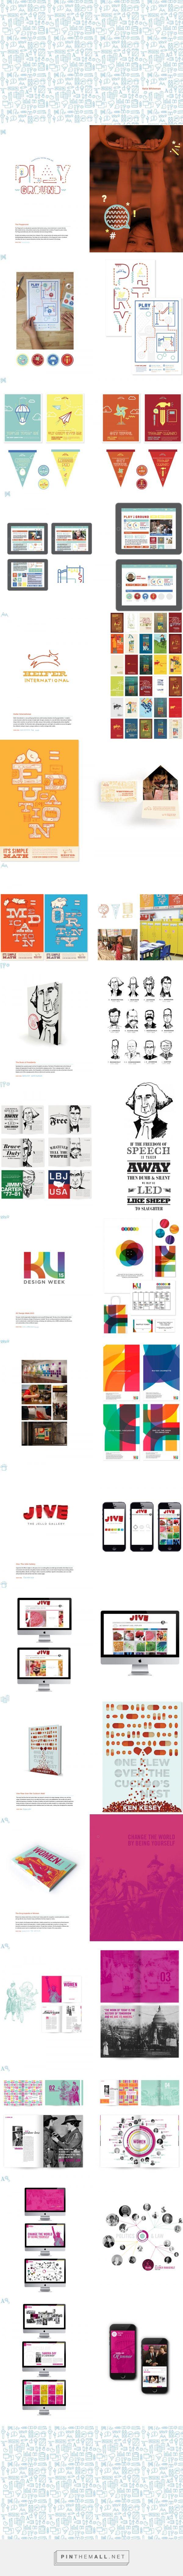 images about portfolio resume fashion senior portfolio ku visual communication created via pinthemall net